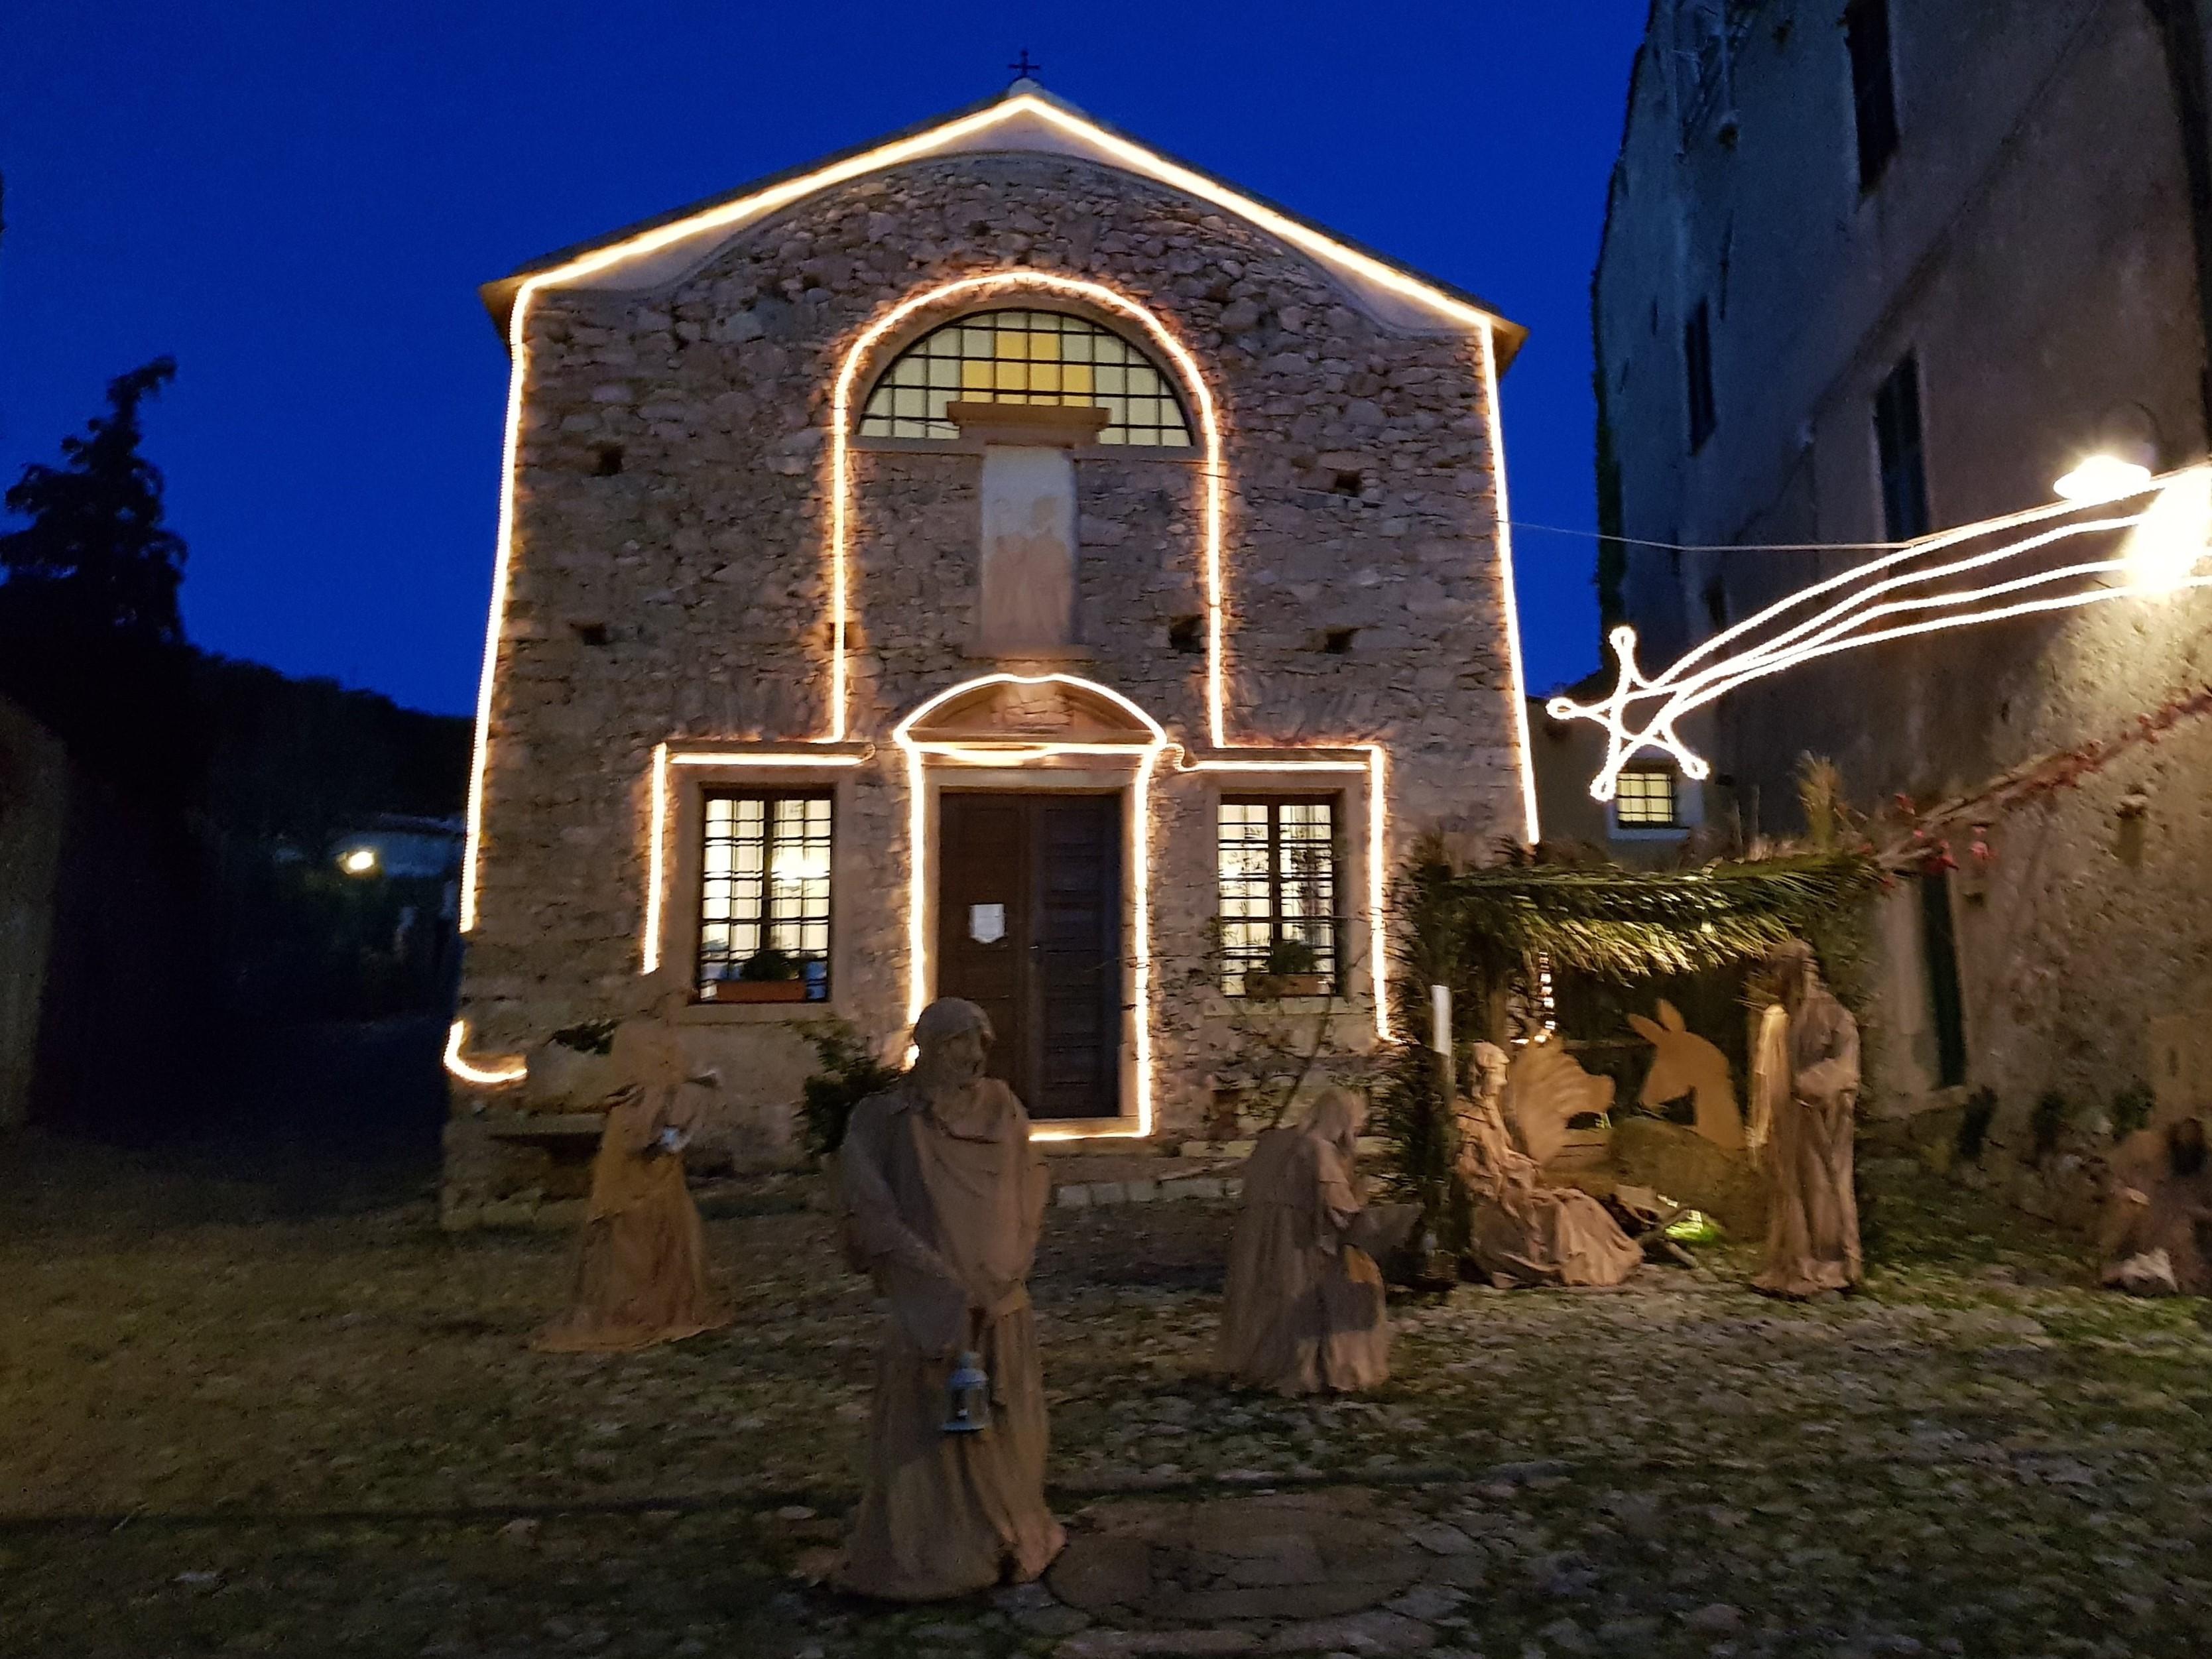 Natale a Borgio Verezzi, in Liguria